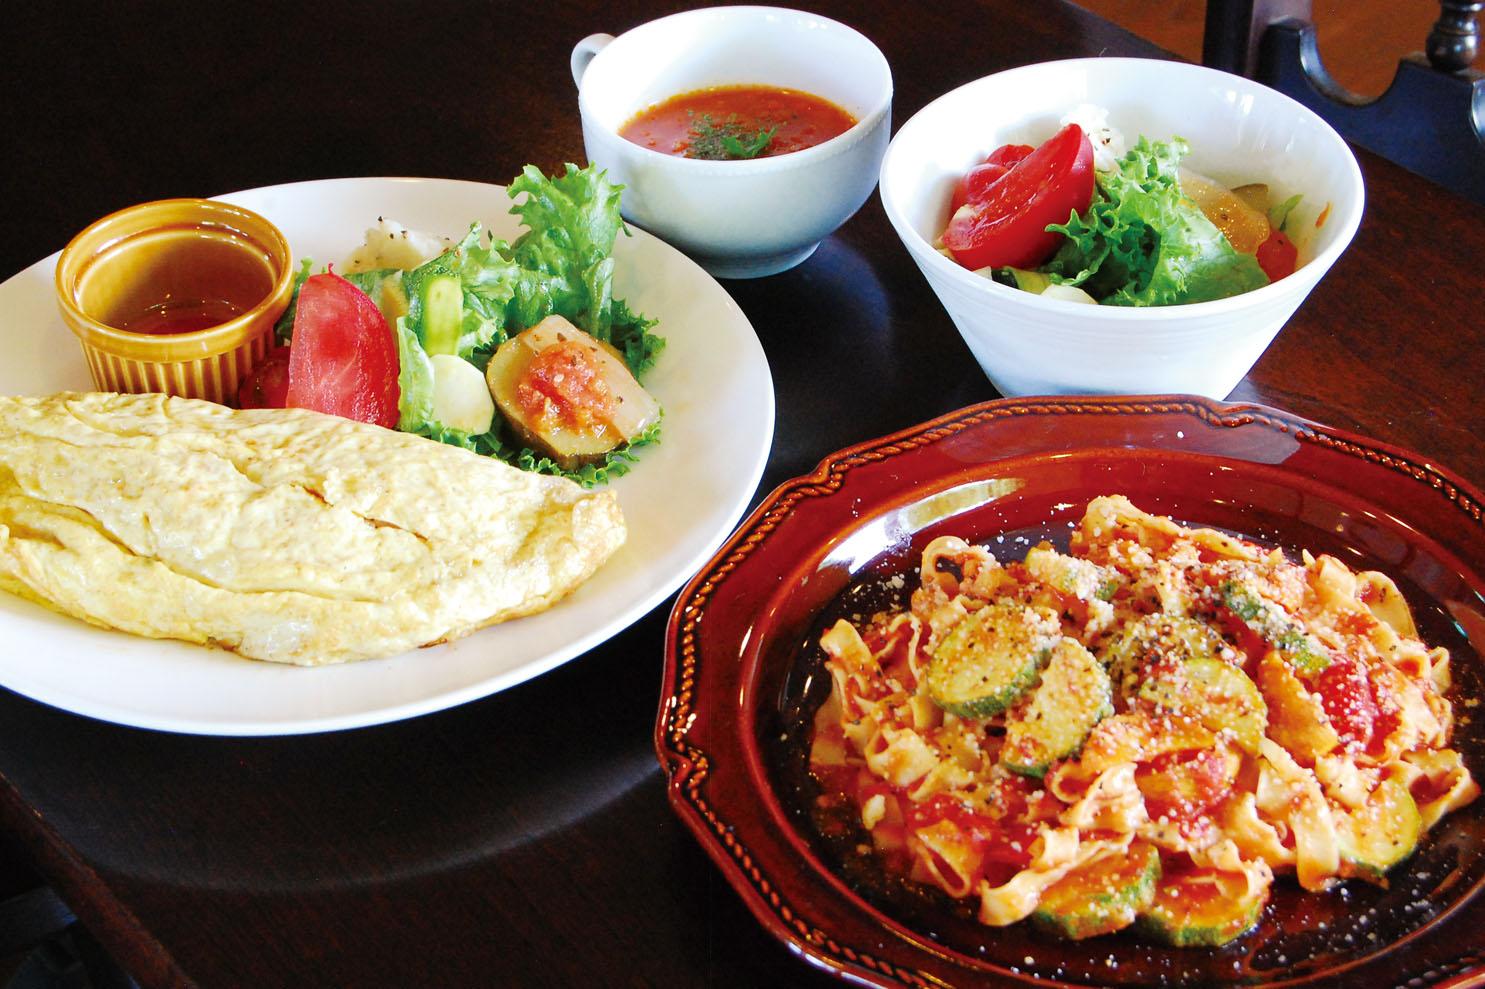 「本日のパスタランチ(1250円/サラダ、本日のスープ付き)」=写真左、「青見平卵のオムライス(1000円/本日のスープ付き)」=写真右。いずれも平日はドリンクが付きます